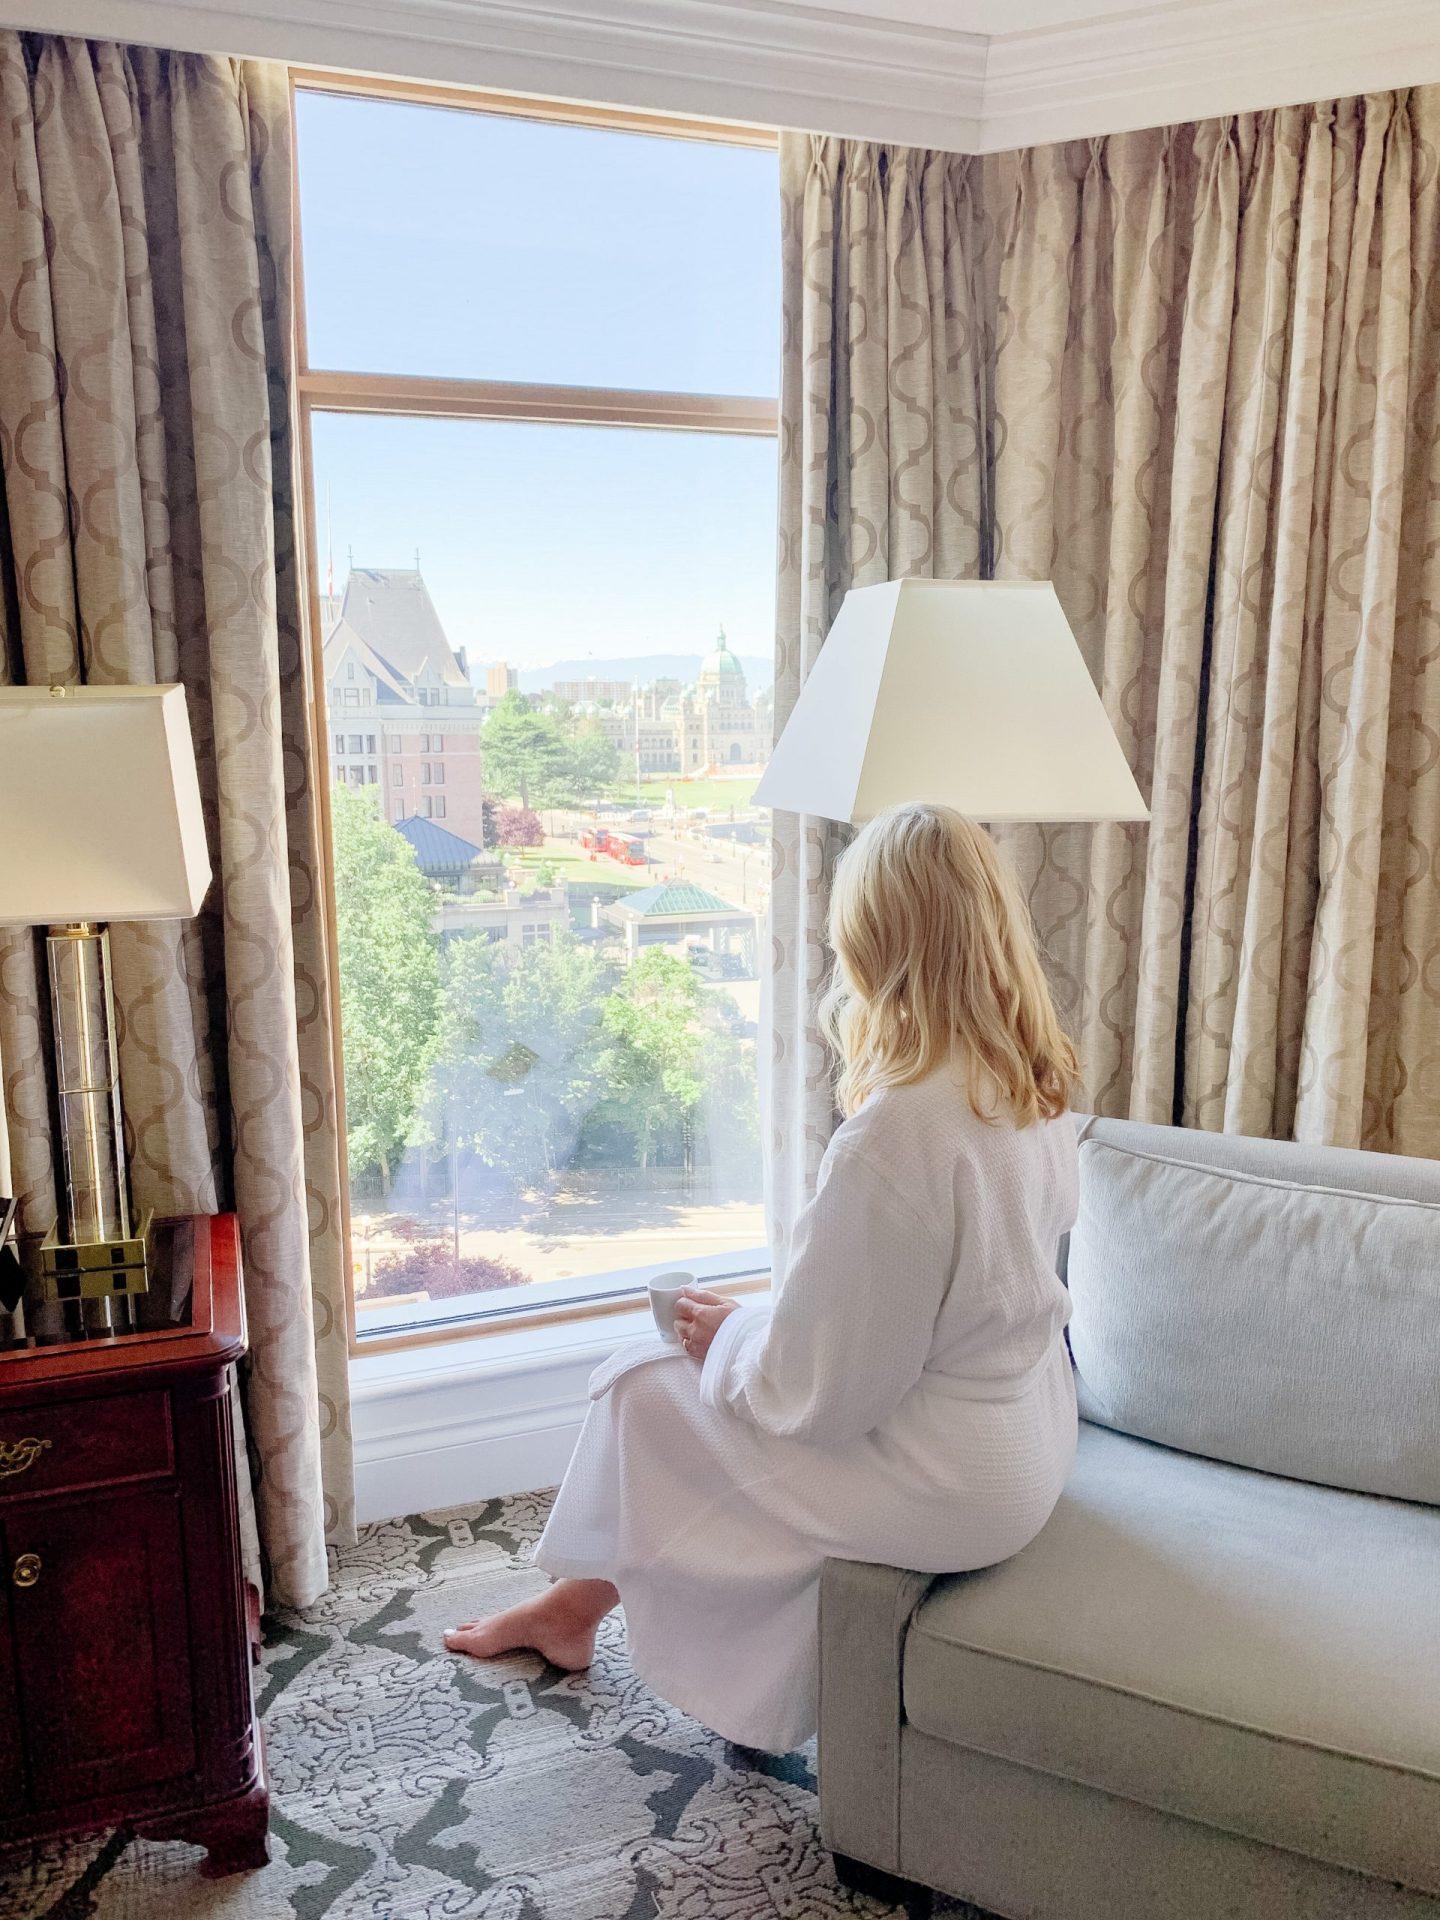 Magnolia Hotel & Spa Couple's Getaway